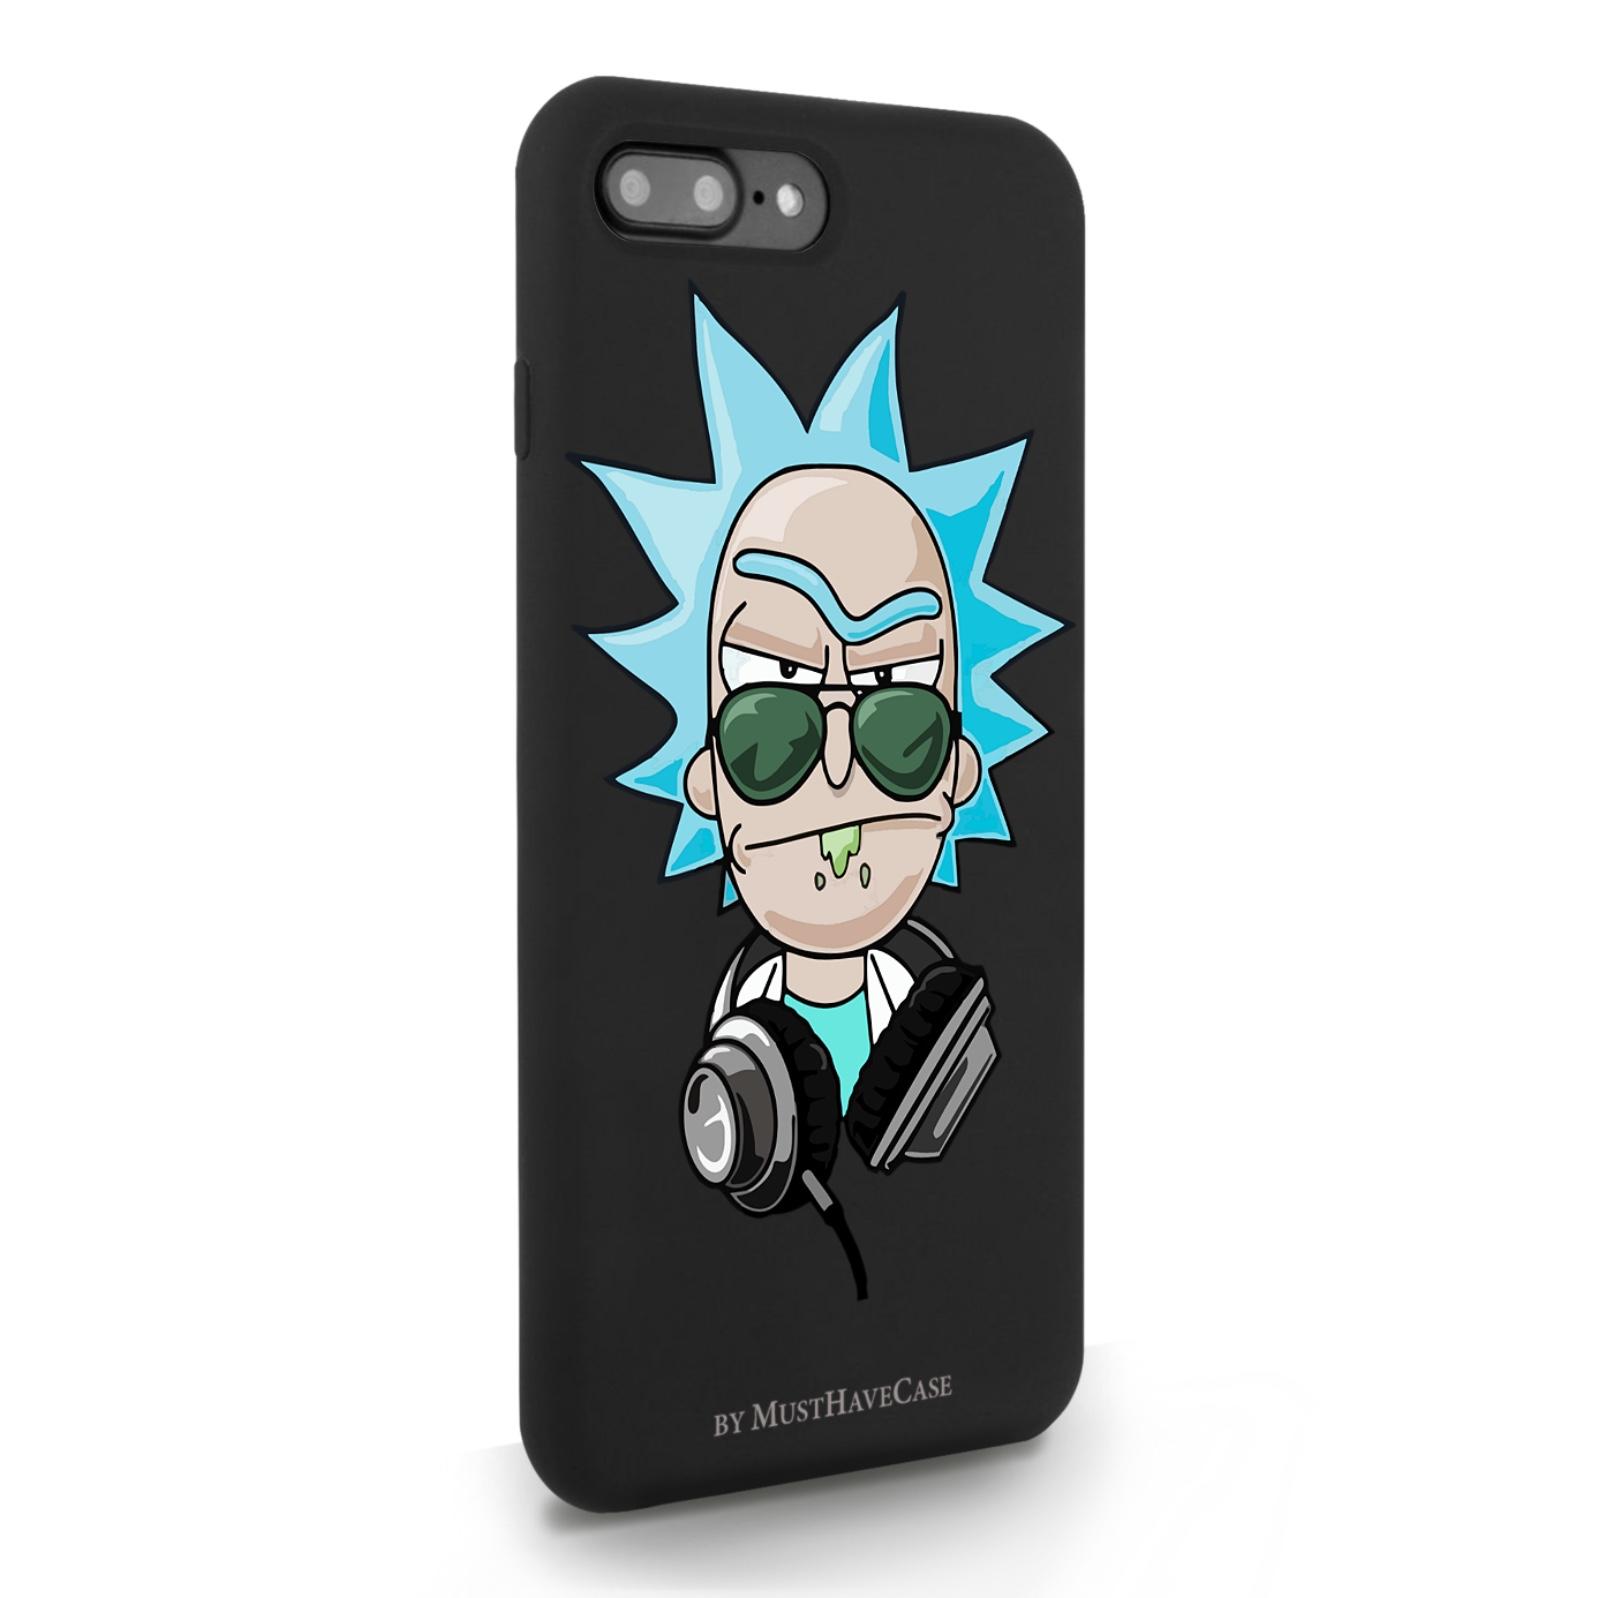 Черный силиконовый чехол для iPhone7/8 Plus Rick/ Рик и морти для Айфон 7/8 Плюс